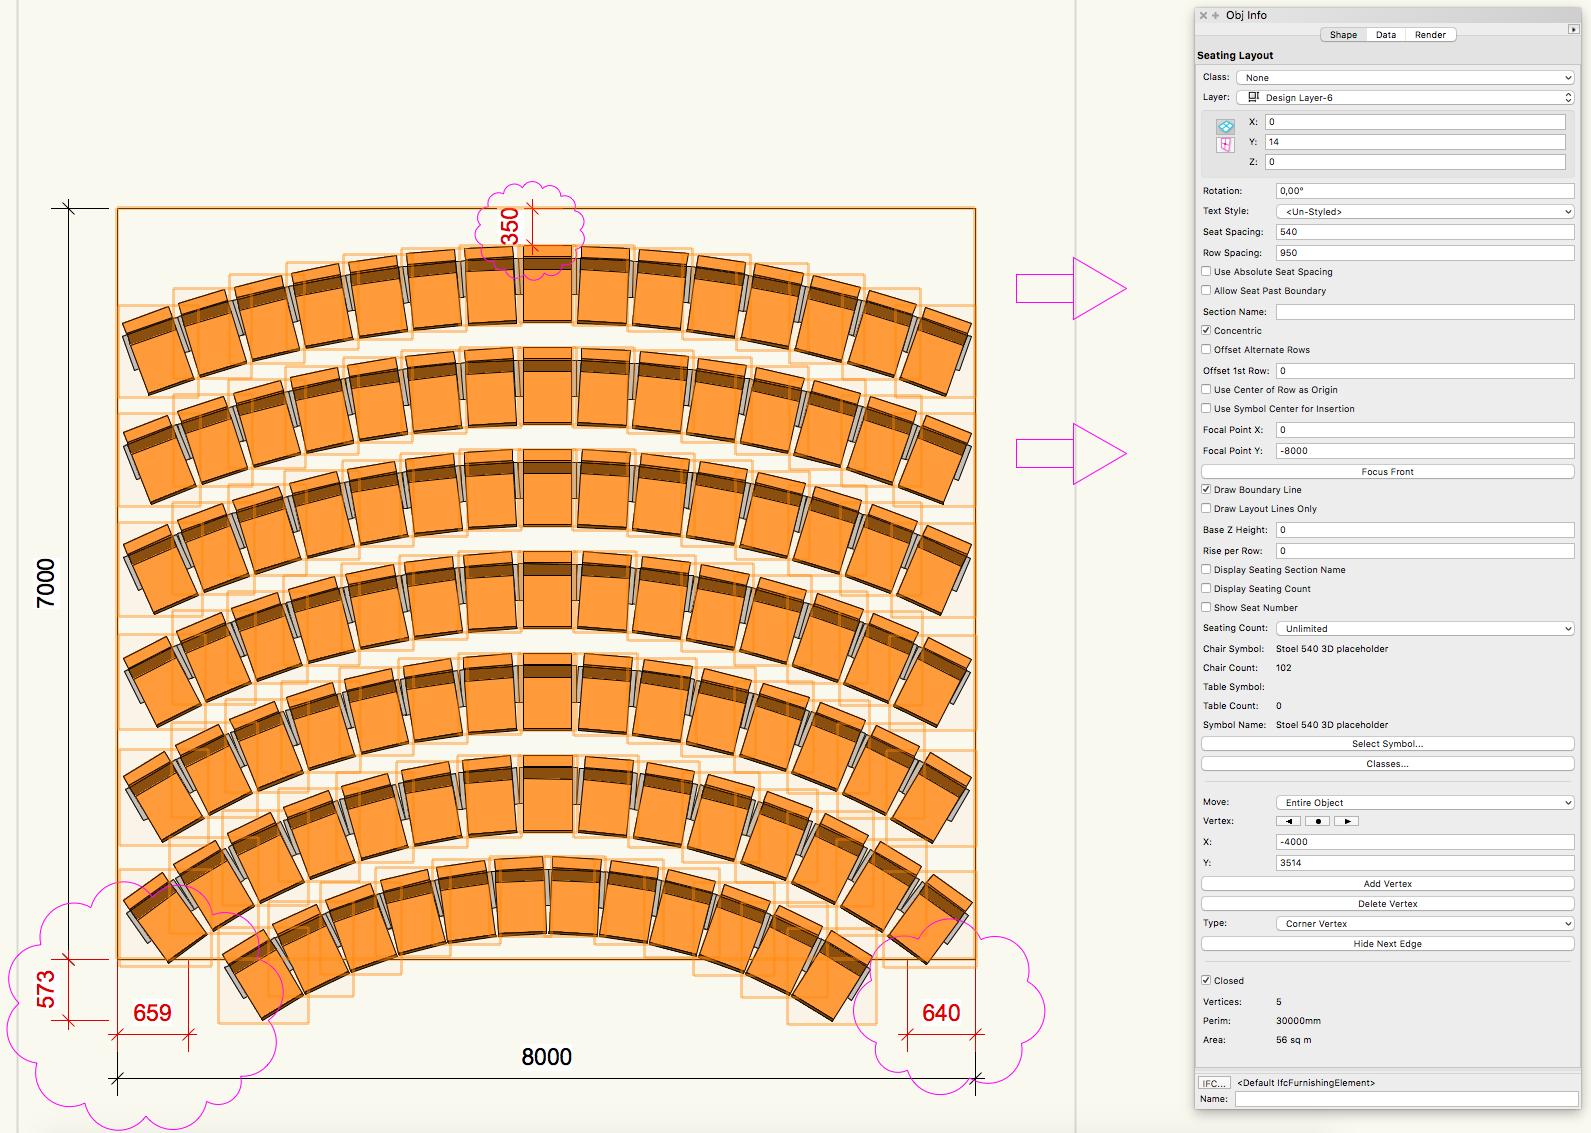 VW 2017 seating layout circular step 2.png